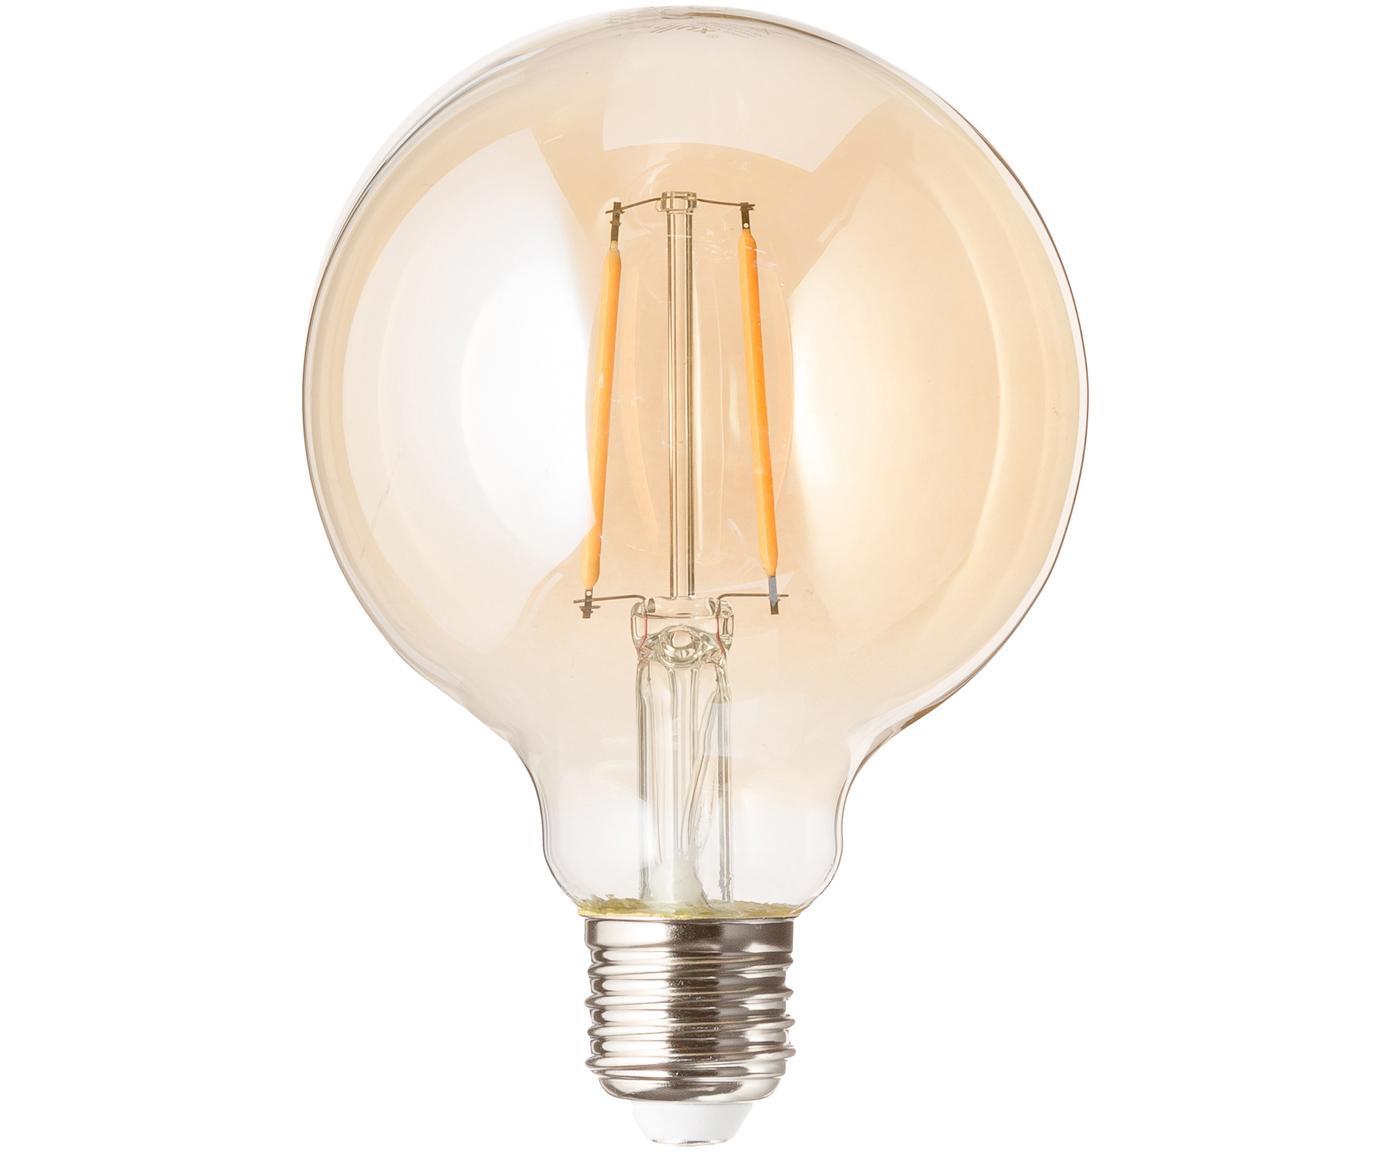 LED lamp Rash (E27 / 1,2W), Peertje: glas, Fitting: aluminium, Amberkleurig, Ø 10 x H 14 cm